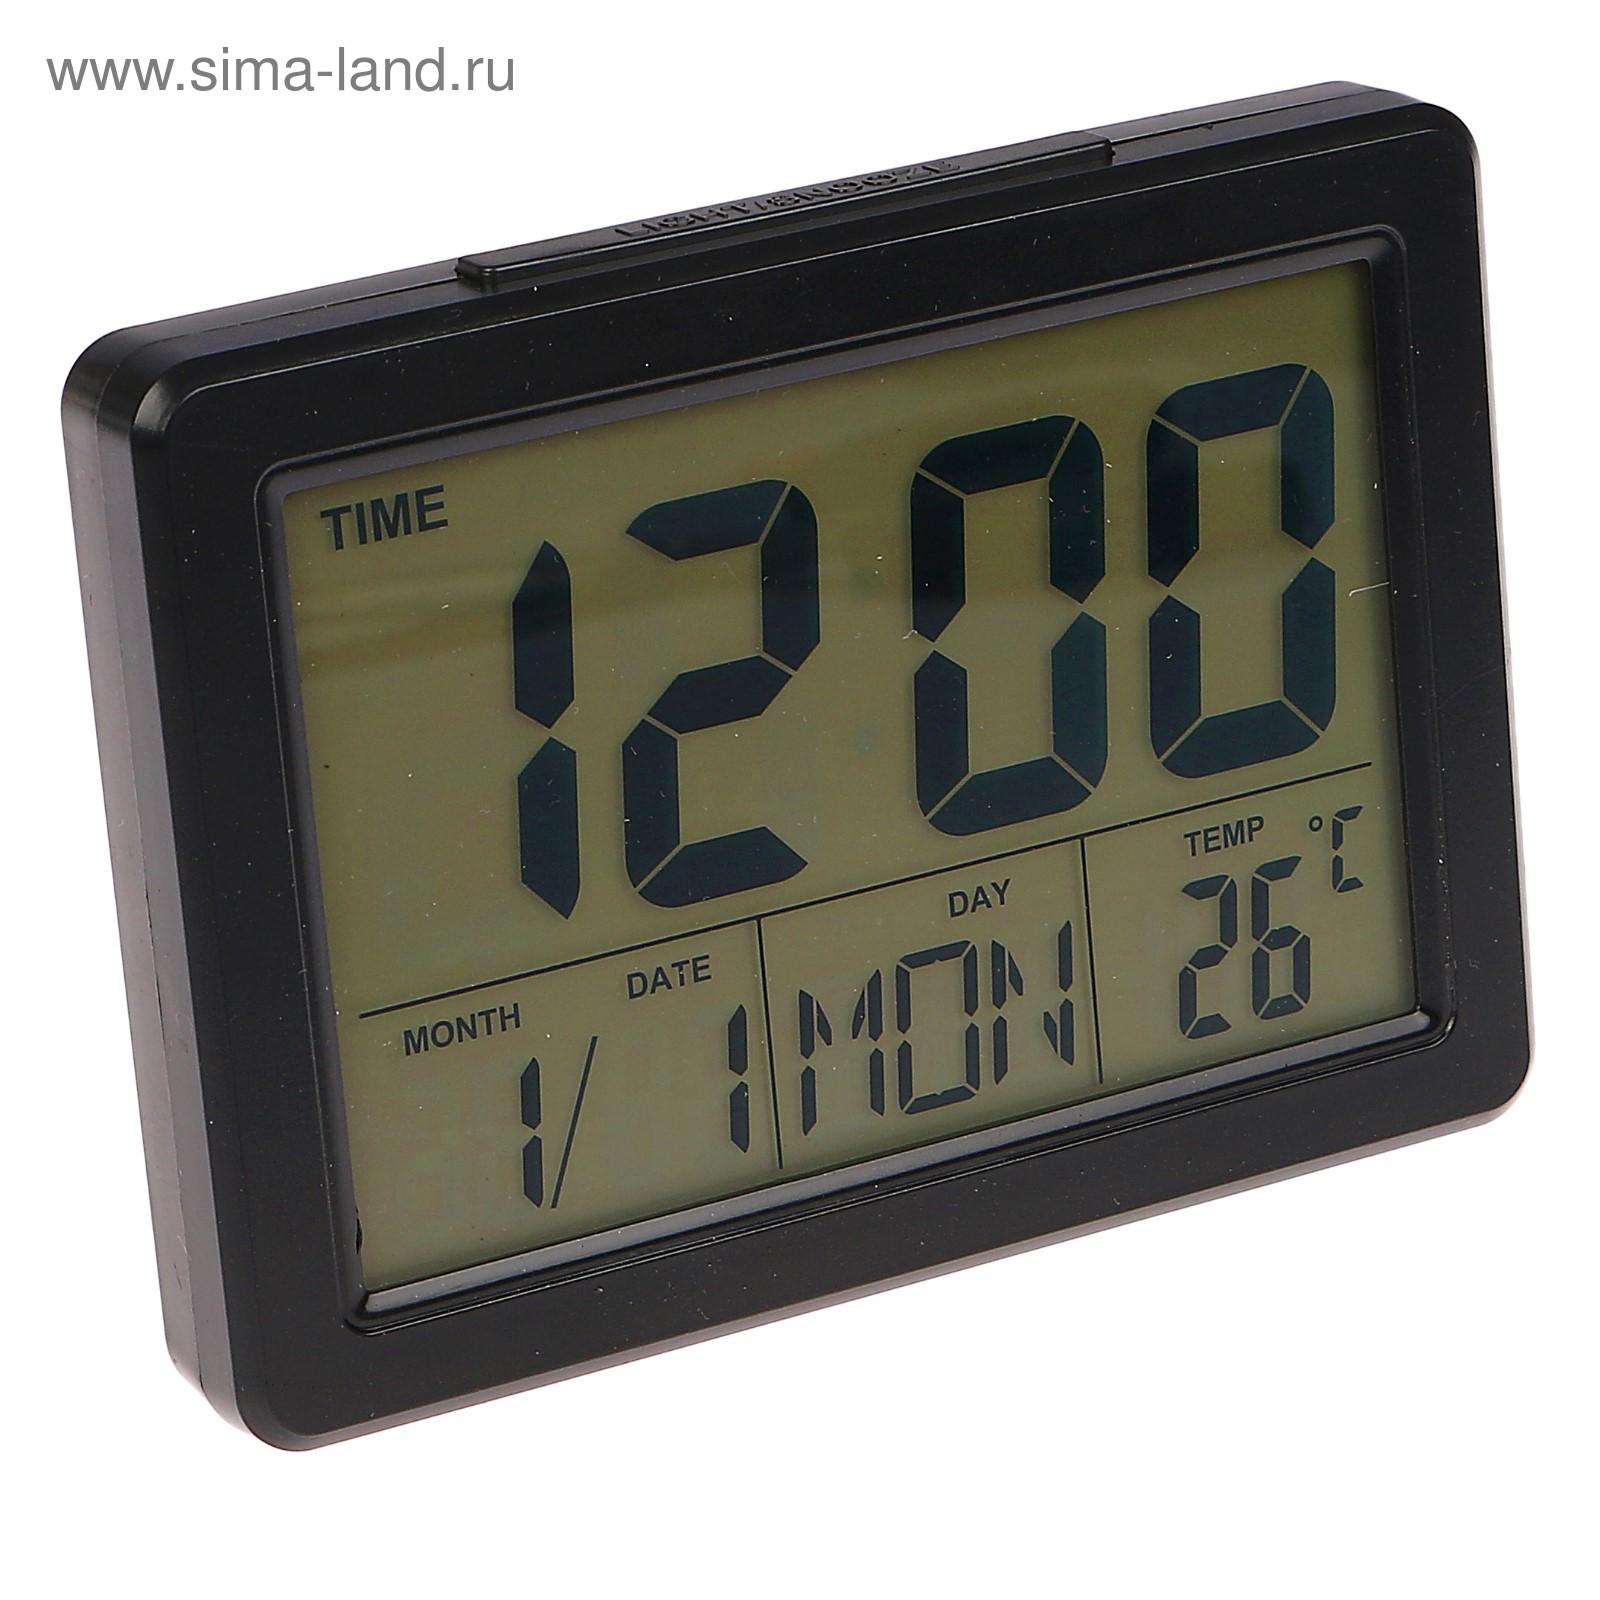 b39672cc Часы-будильник электронные, с подсветкой на звук, с термометром, черные,  14х10.5 см